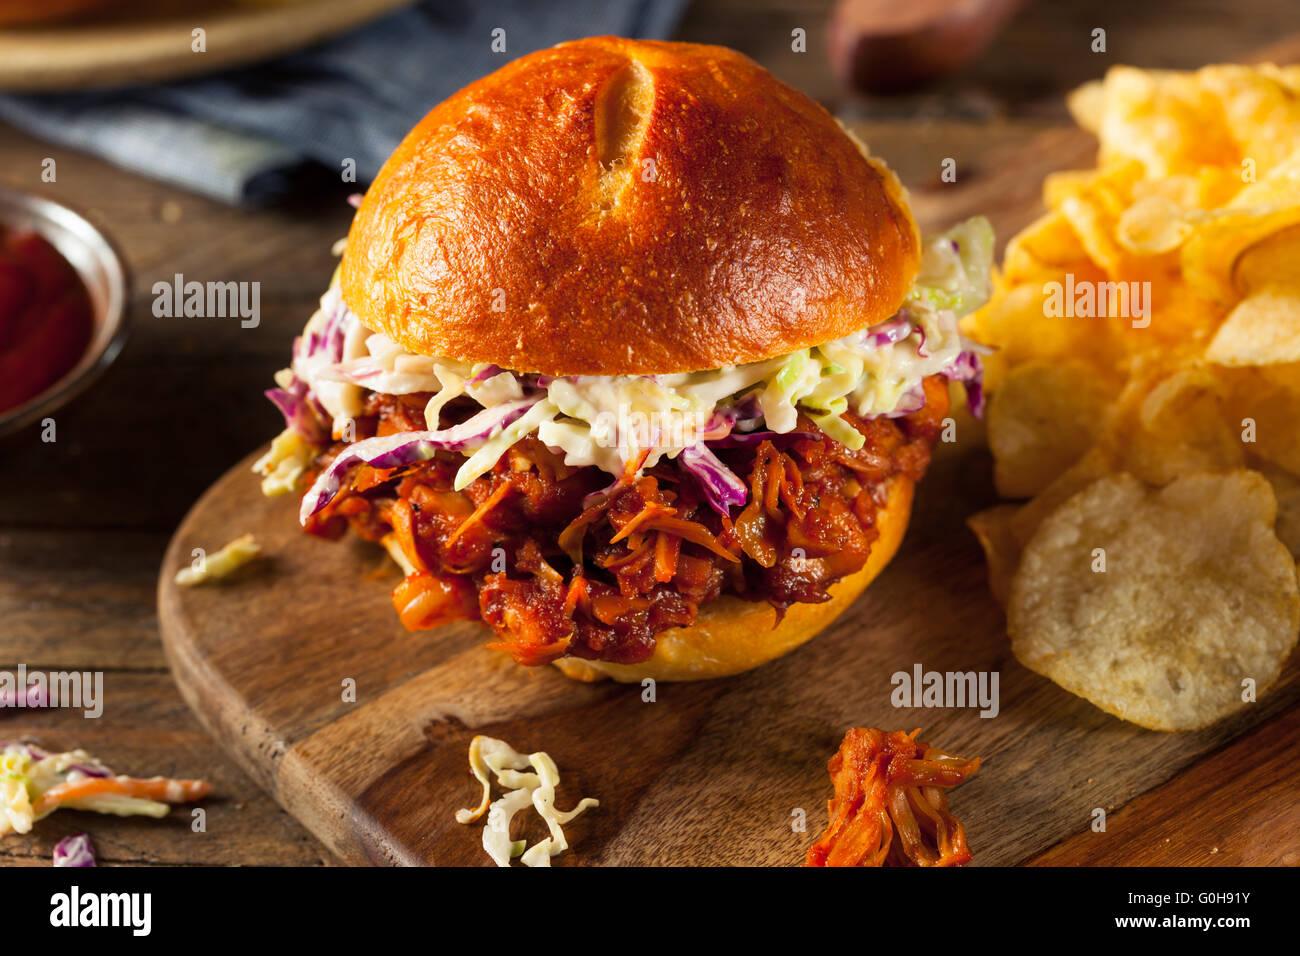 Vegan fait maison BARBECUE Jackfruit tiré sandwich avec de la salade de chou et frites Photo Stock